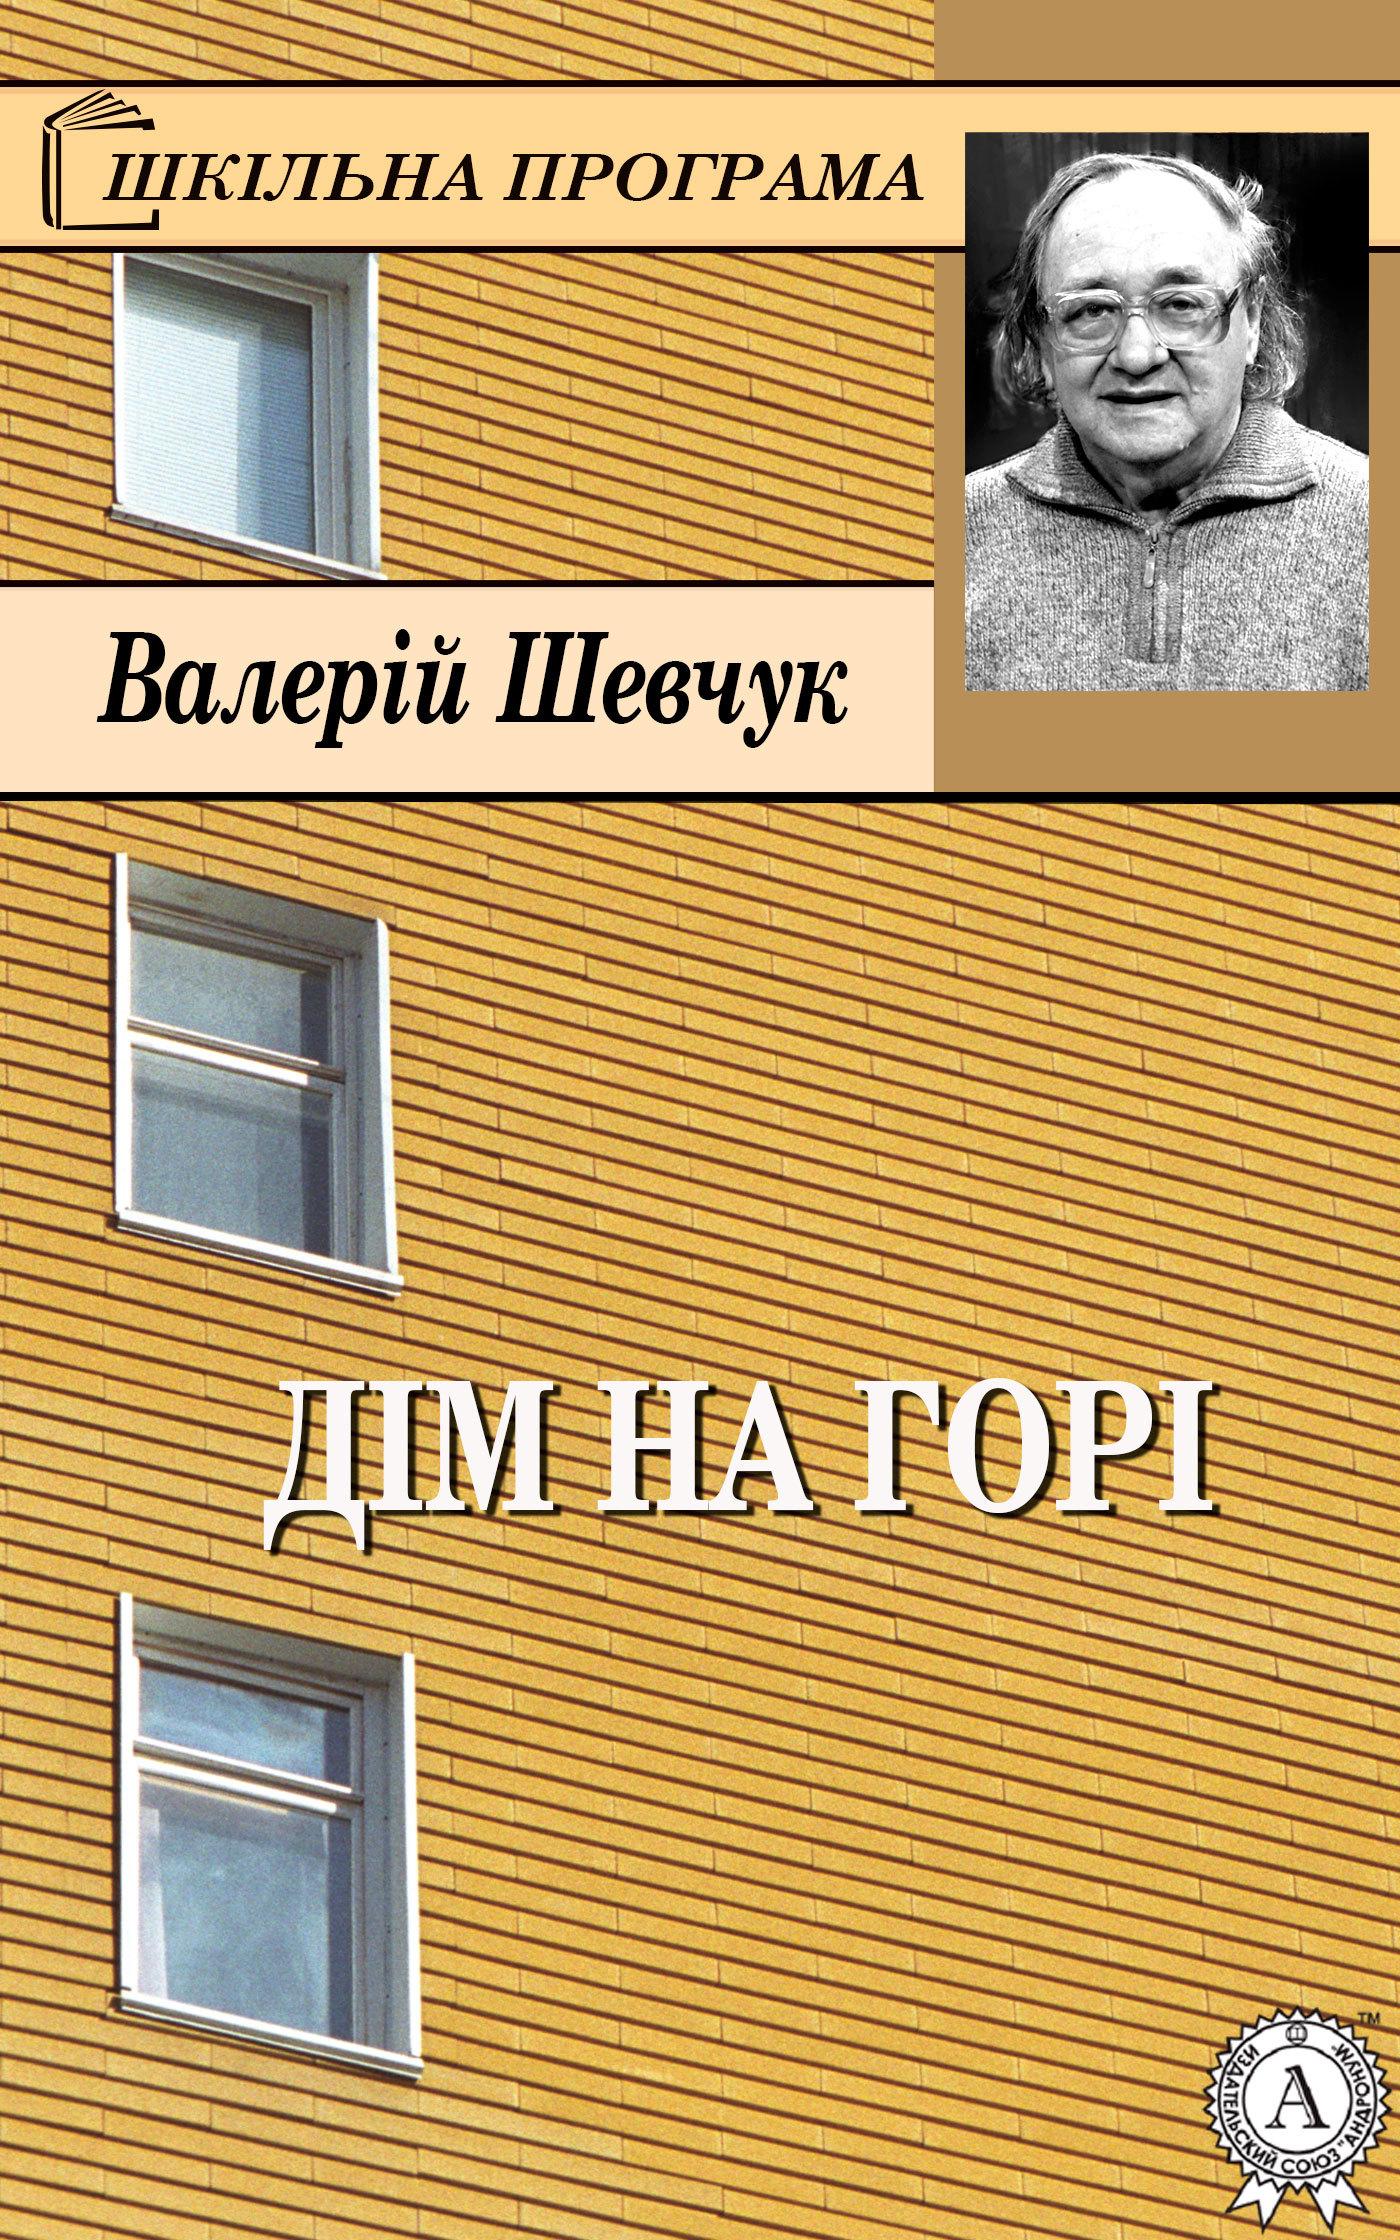 Дім на горі ( Валерій Шевчук  )